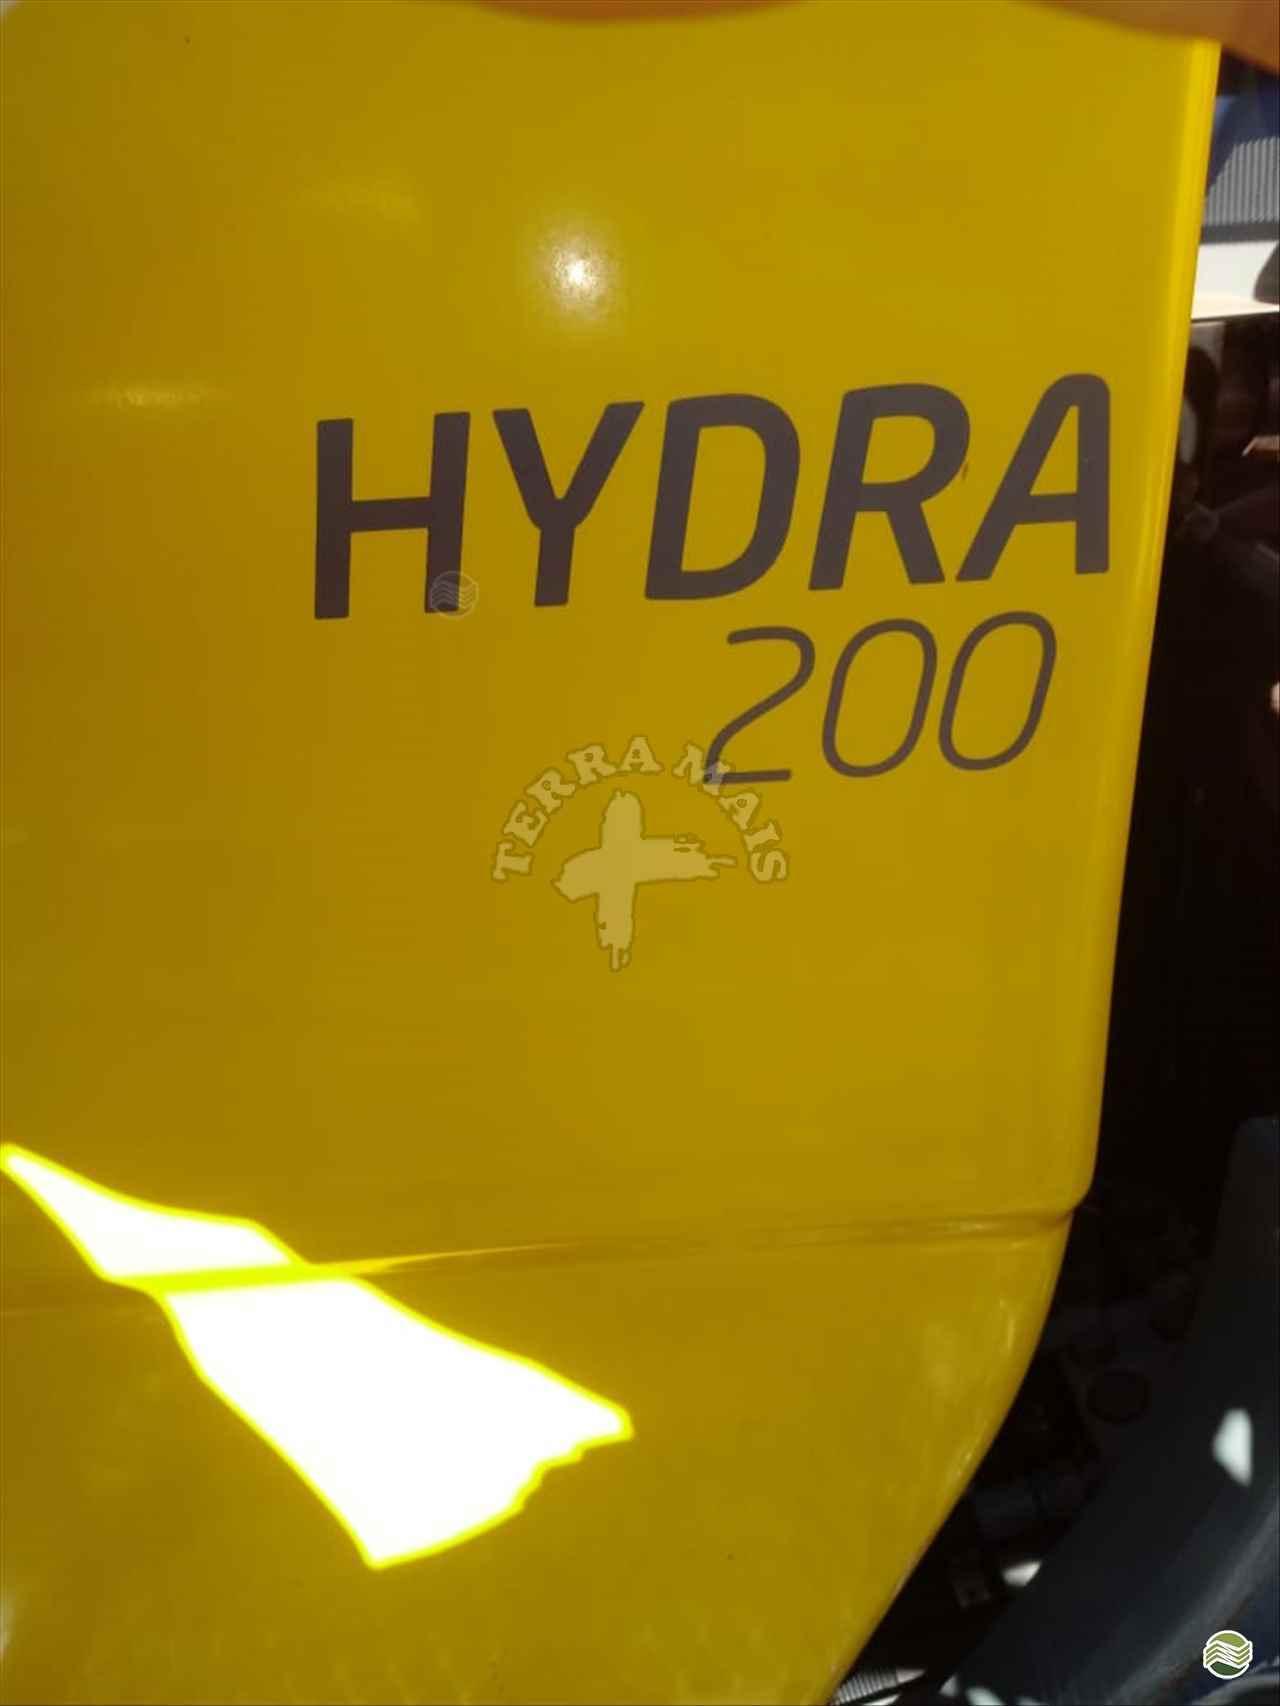 PLA HYDRA 200  2019/2019 Terra Mais Implementos Agrícolas